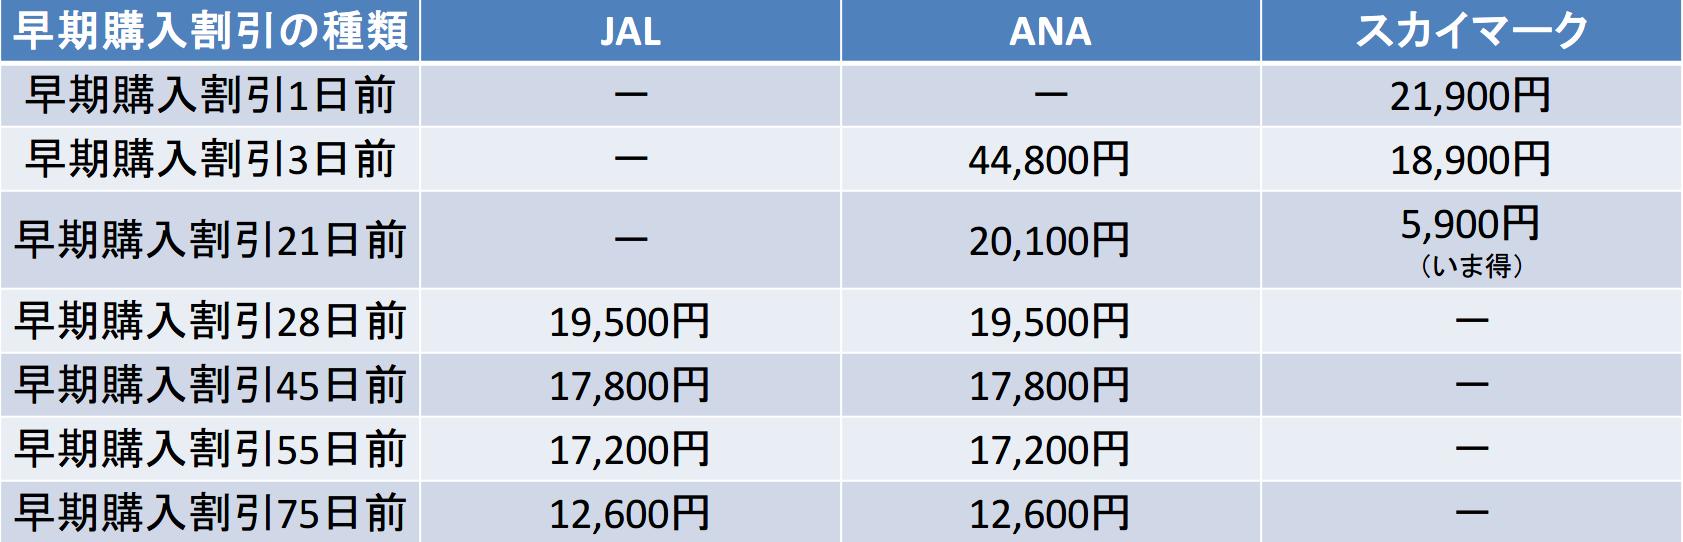 福岡-新千歳間の航空券の料金